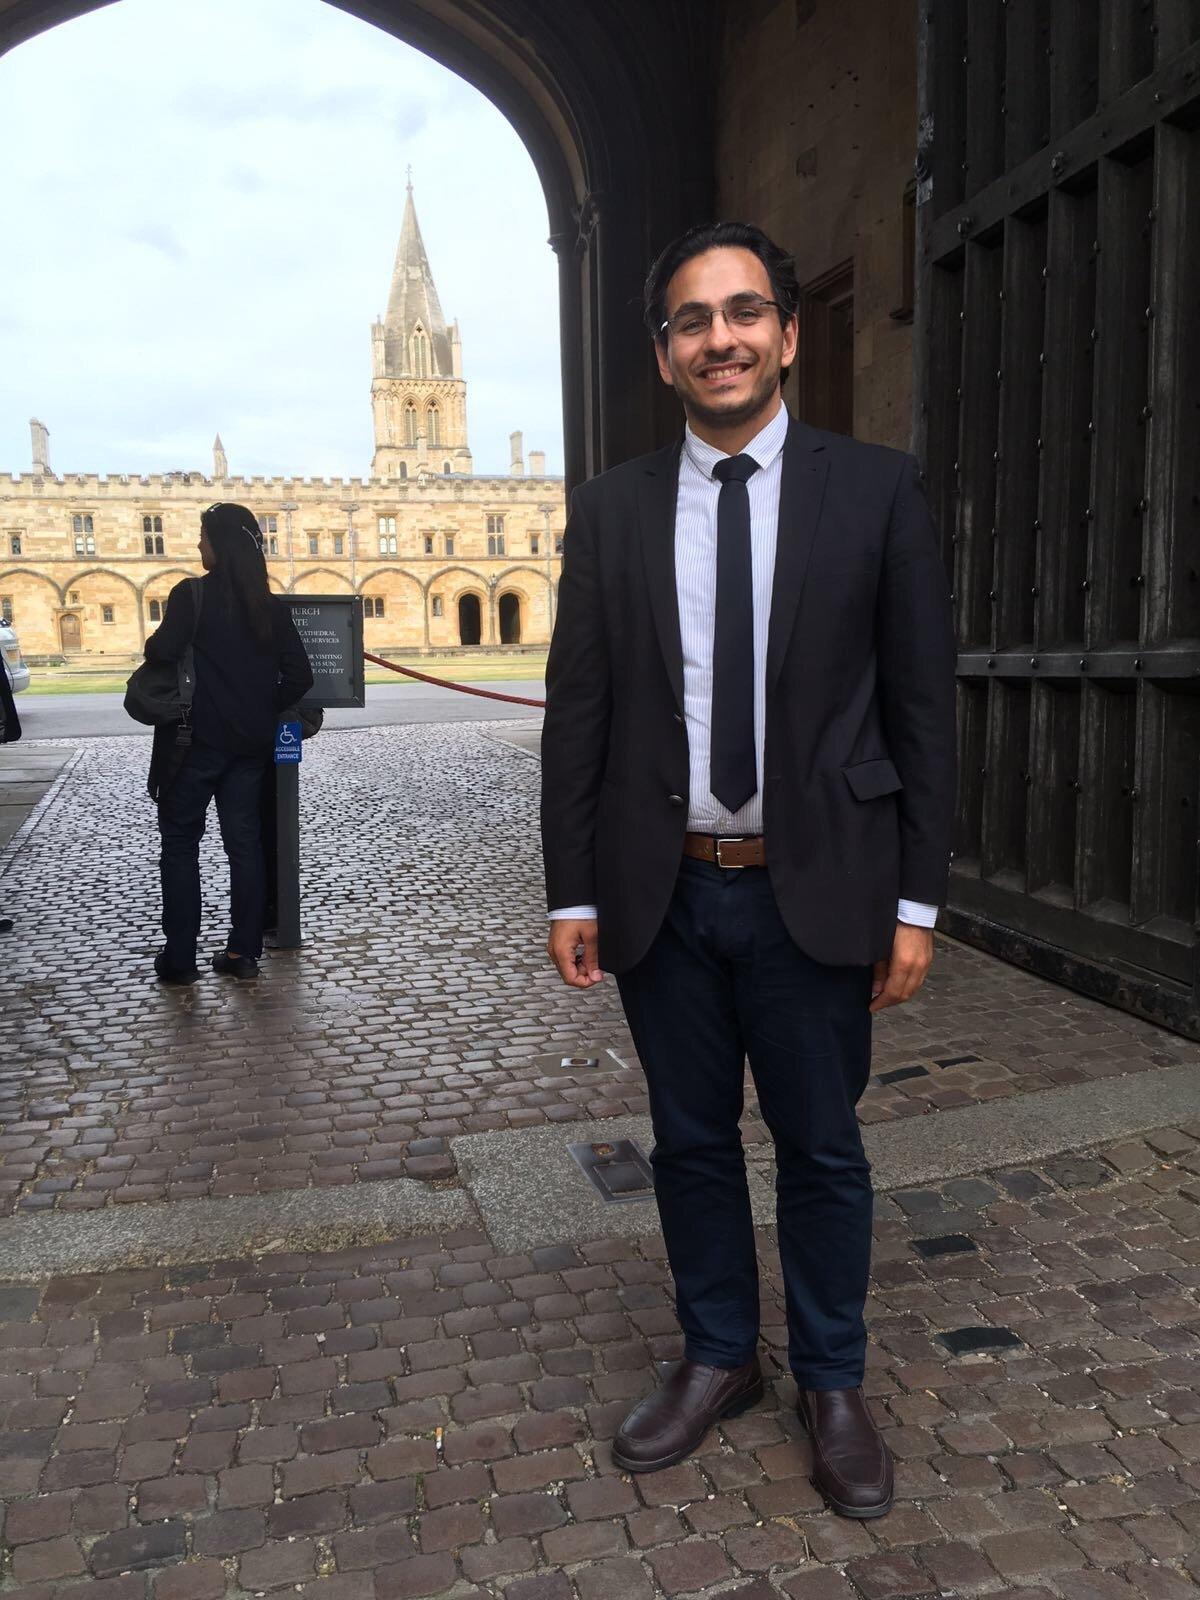 الباحث إياس يوسف ناصر يحاضر عن الشعر الجاهلي في جامعة أوكسفورد